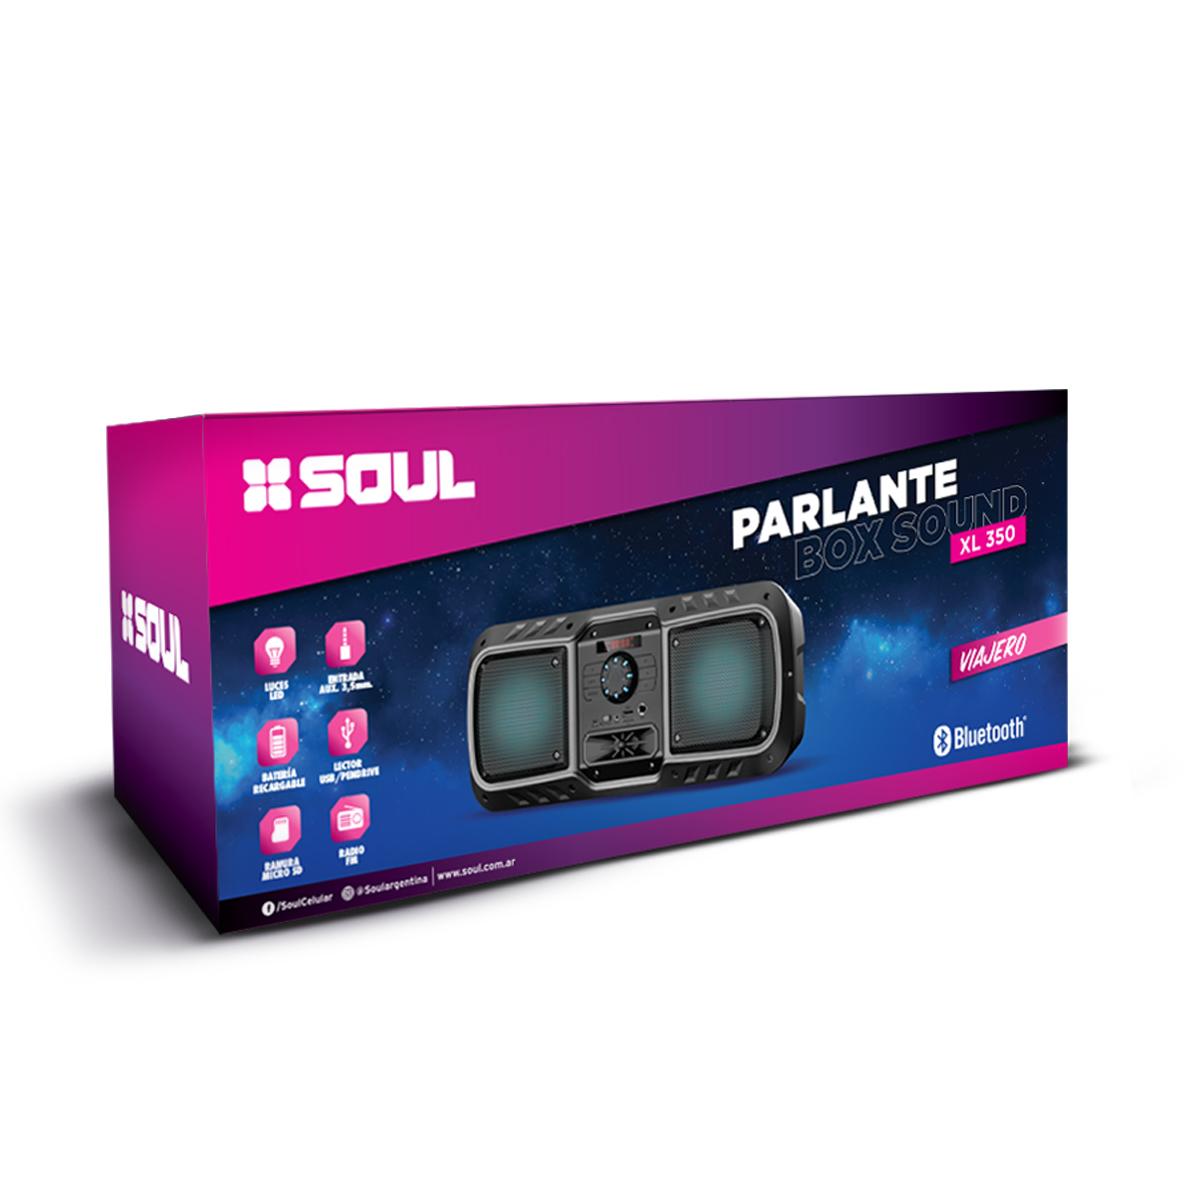 Parlante Box Sound XL350